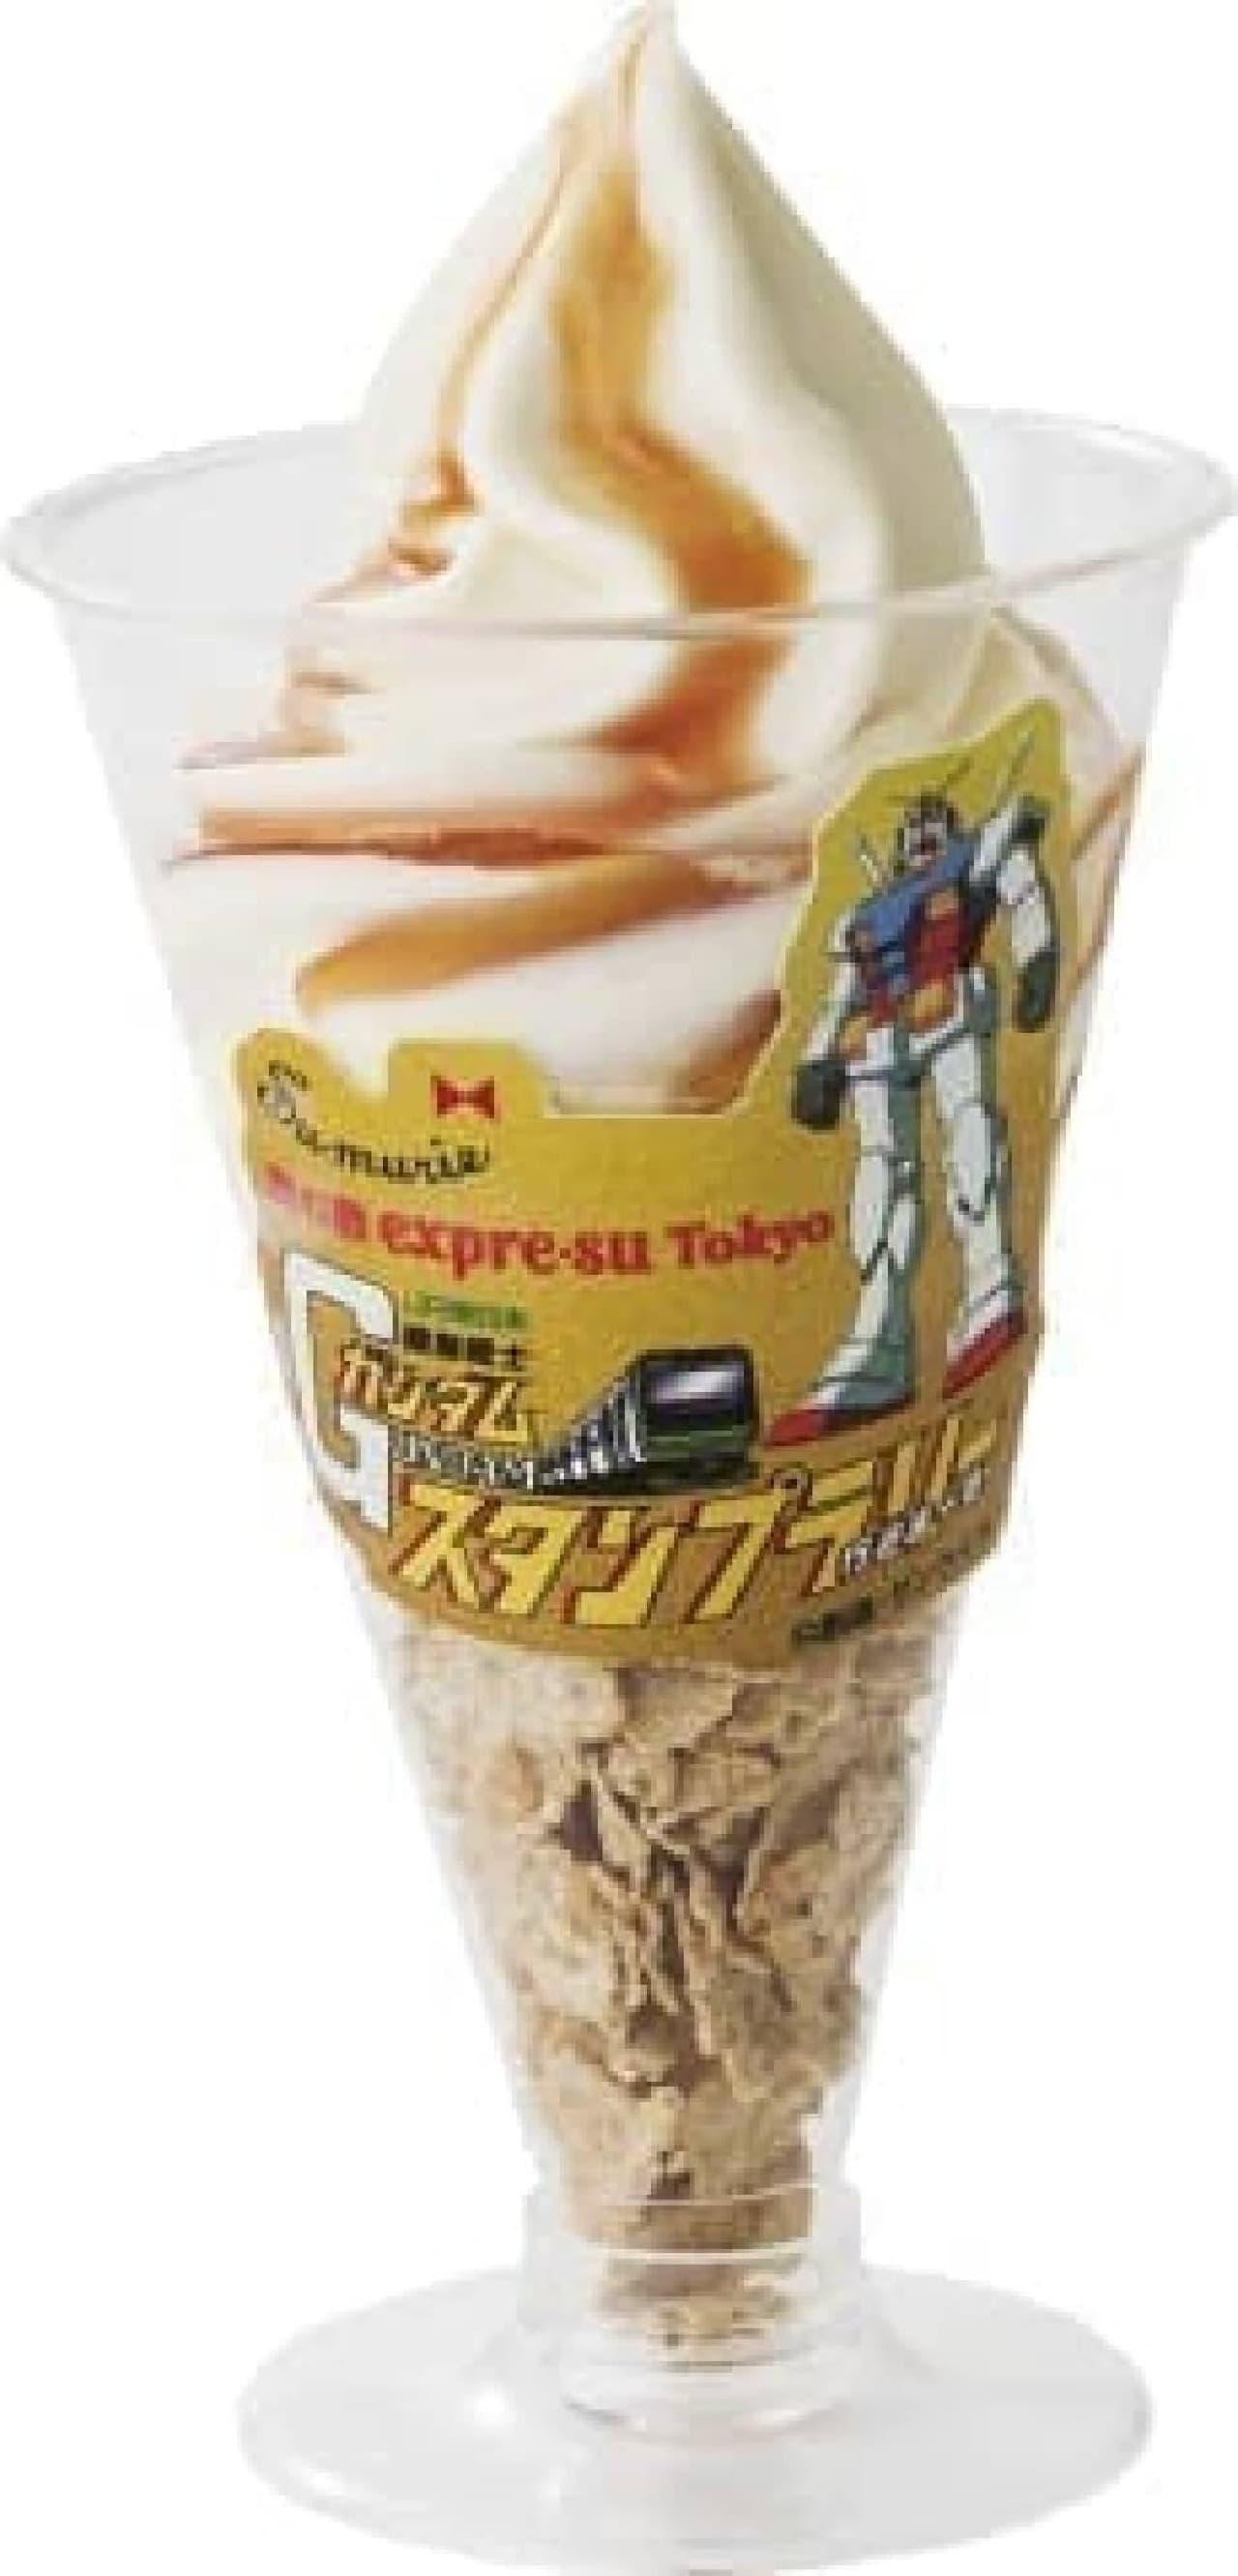 飲む酢 エキスプレ・ス・東京「ガンダム酢フトクリーム」